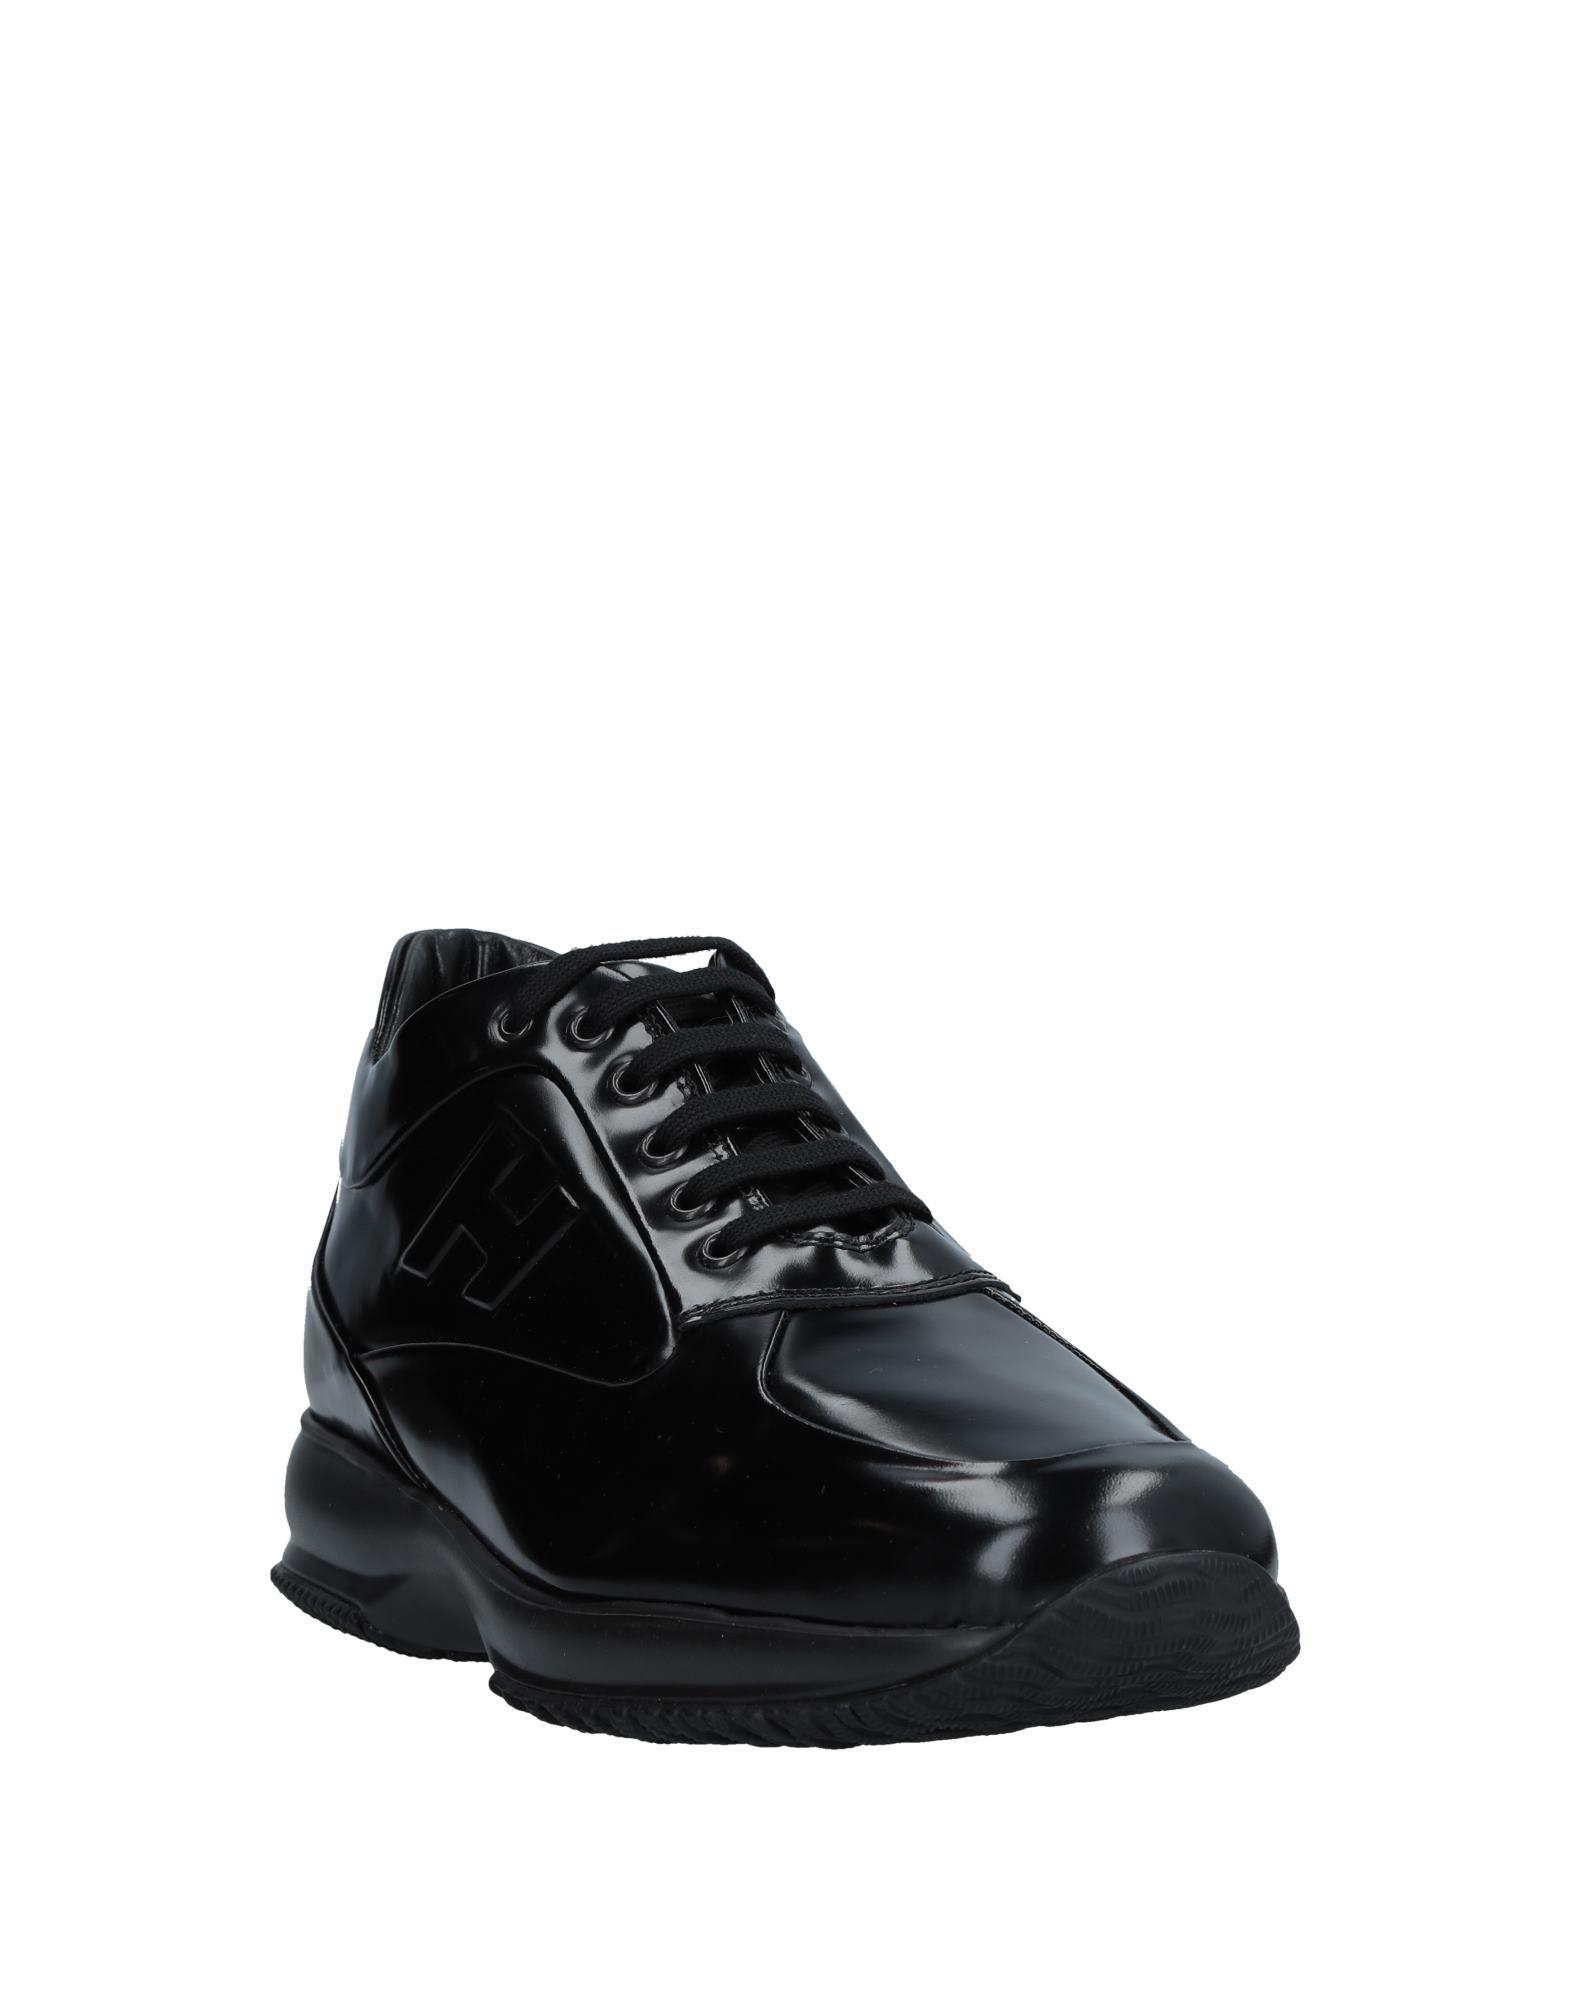 Hogan Sneakers Herren  11541571QO Gute Qualität beliebte Schuhe